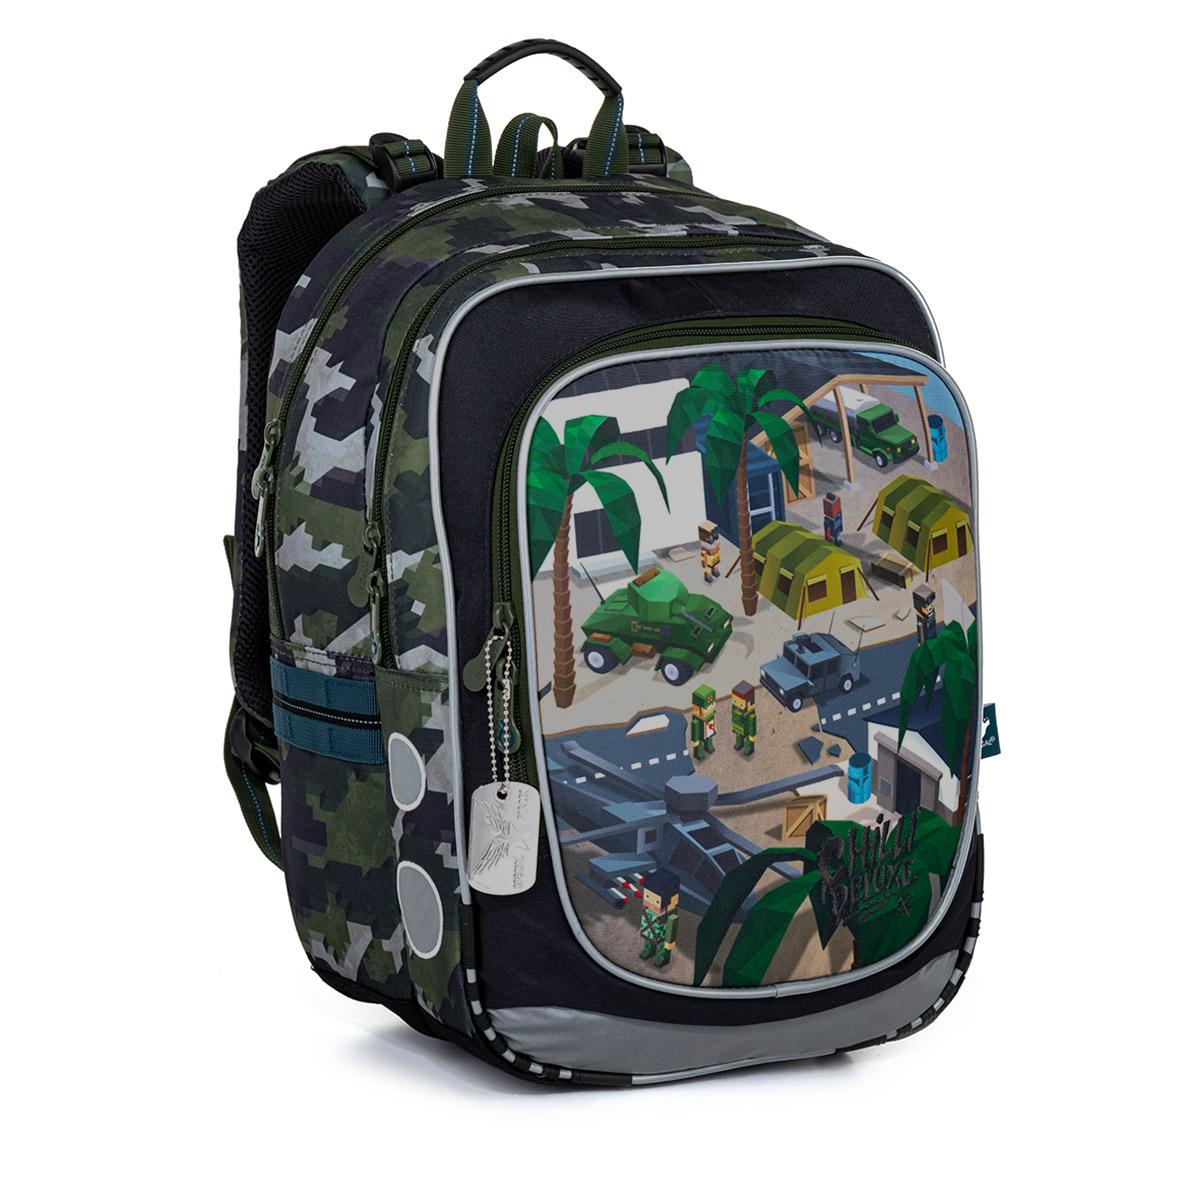 Školská taška Topgal ENDY 21016 B